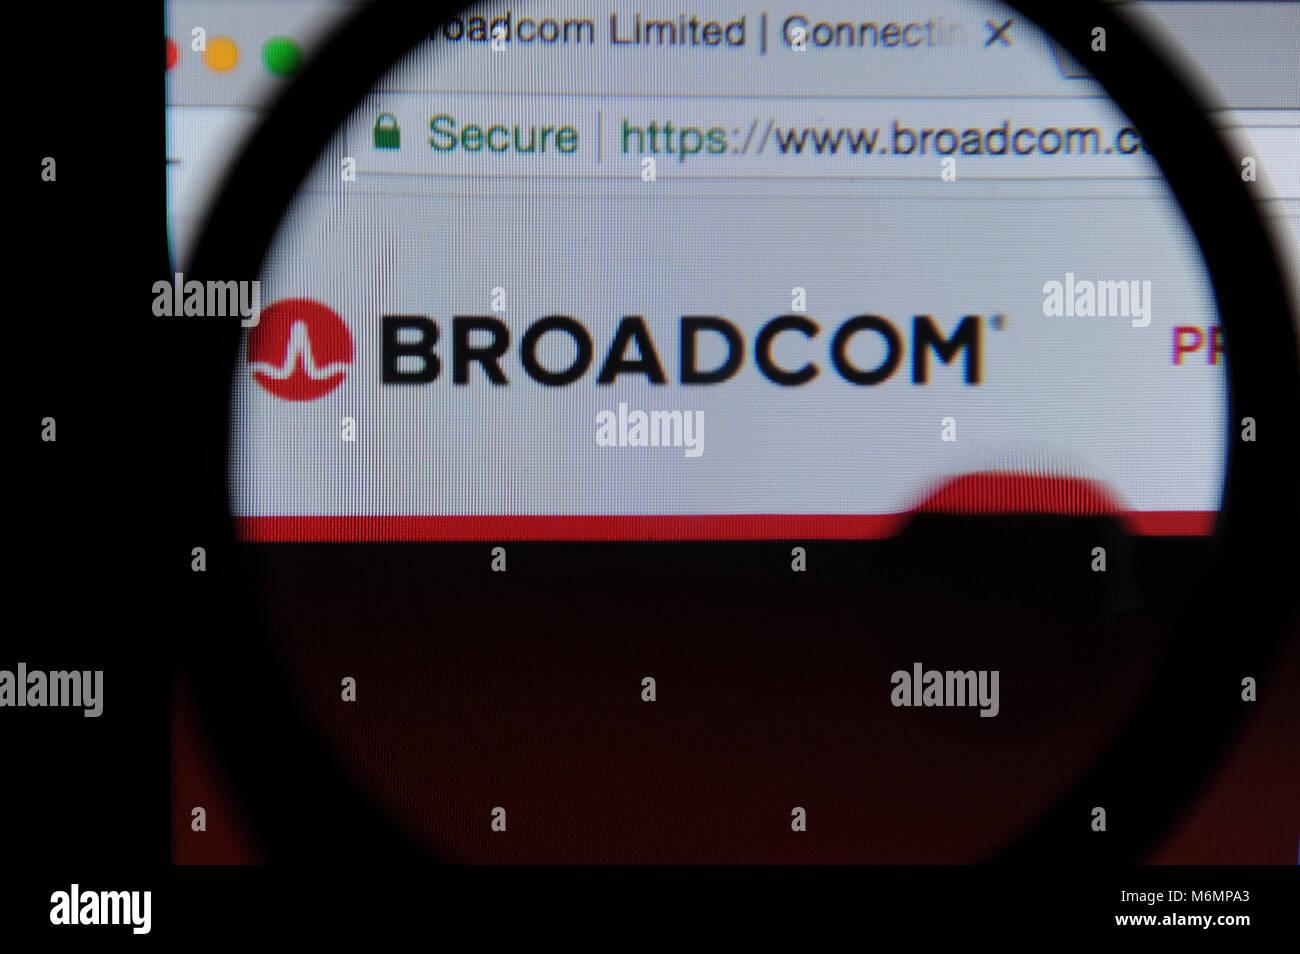 Broadcom Stock